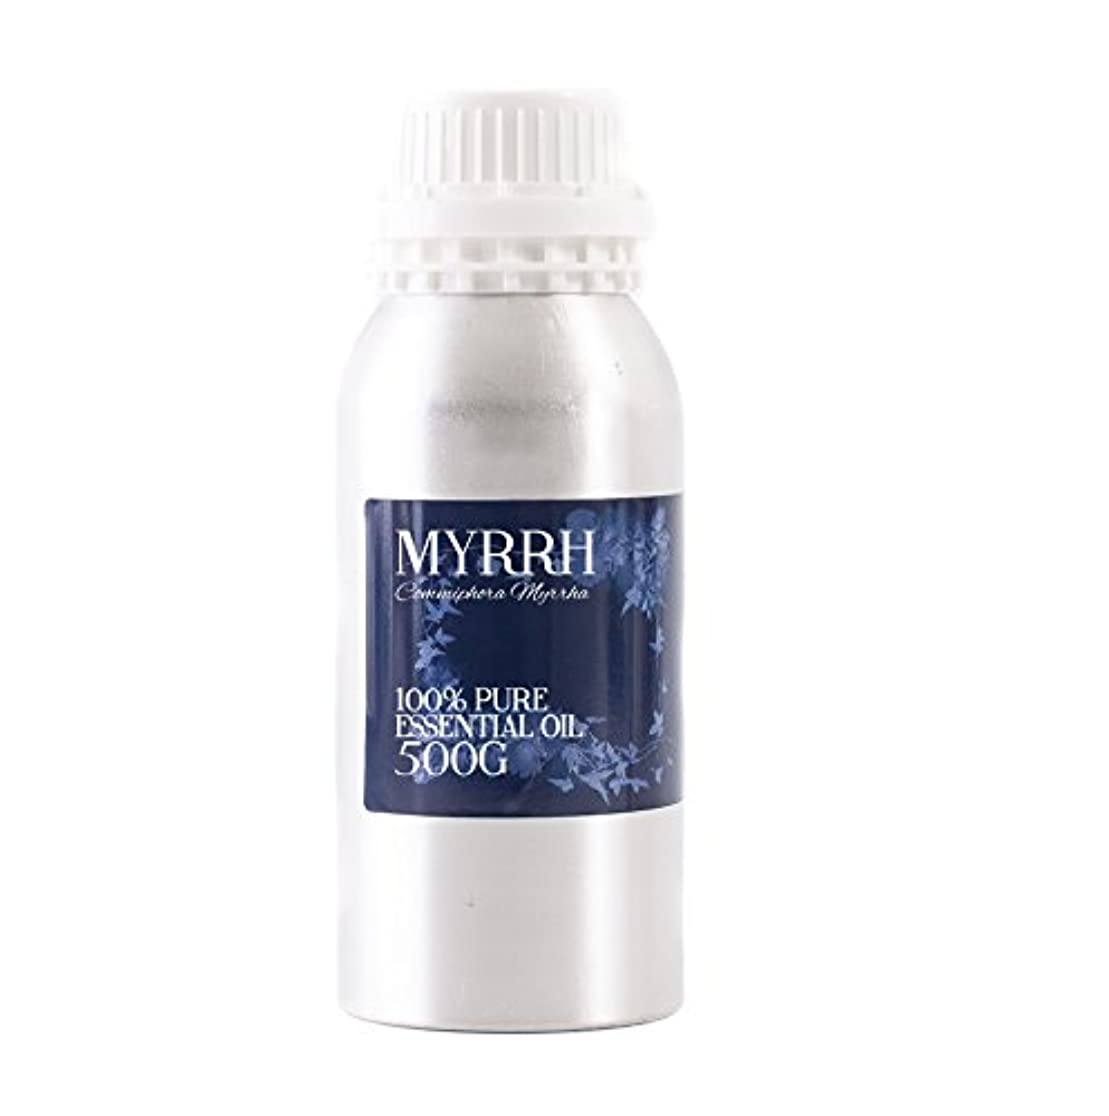 質量宇宙クライマックスMystic Moments | Myrrh Essential Oil - 500g - 100% Pure